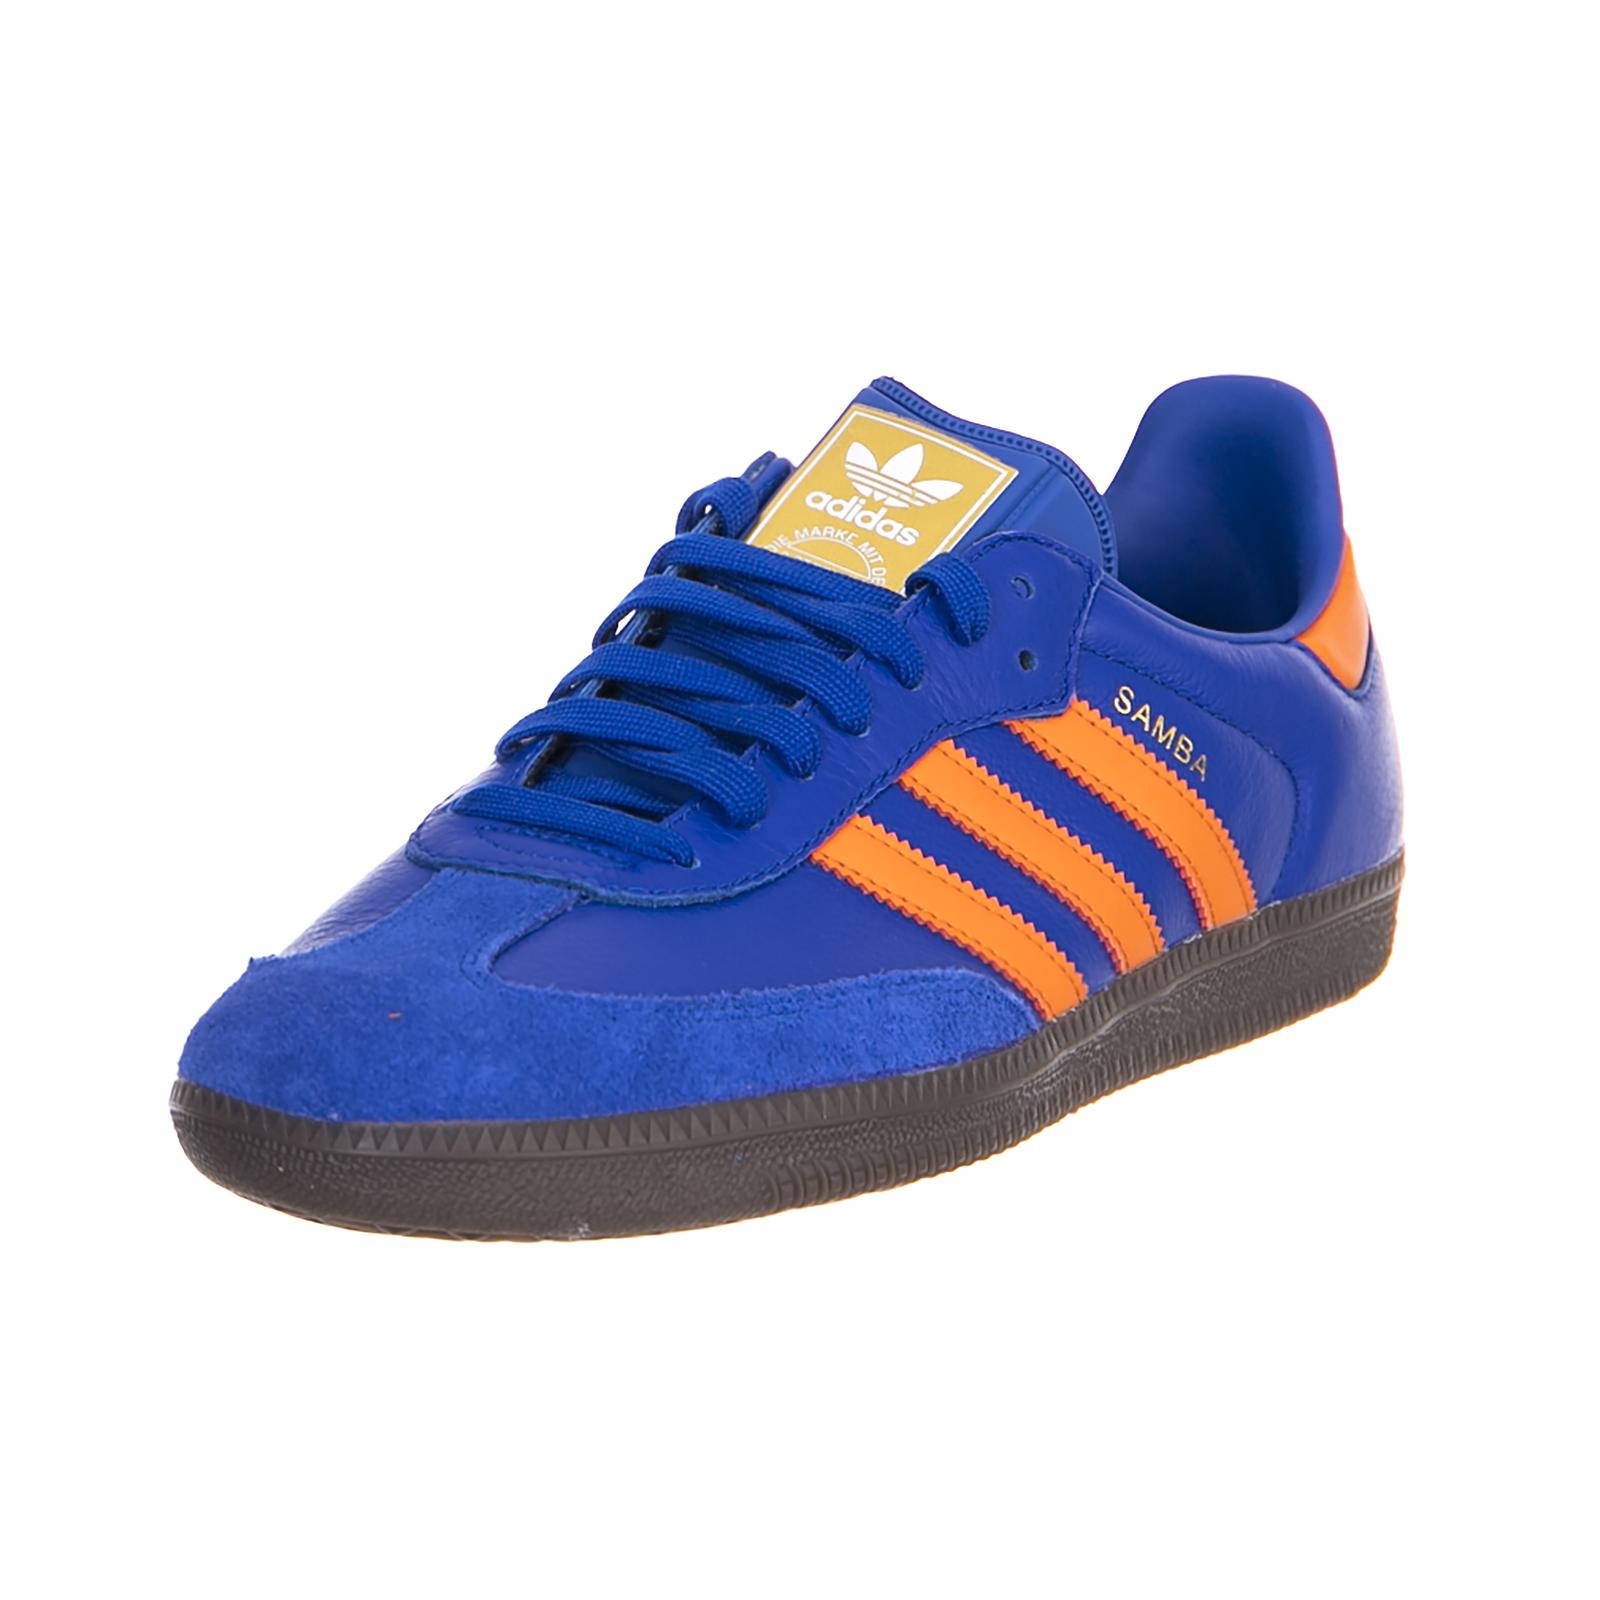 Adidas Sneakers Samba Blue Orange Blue Scarpe classiche da uomo